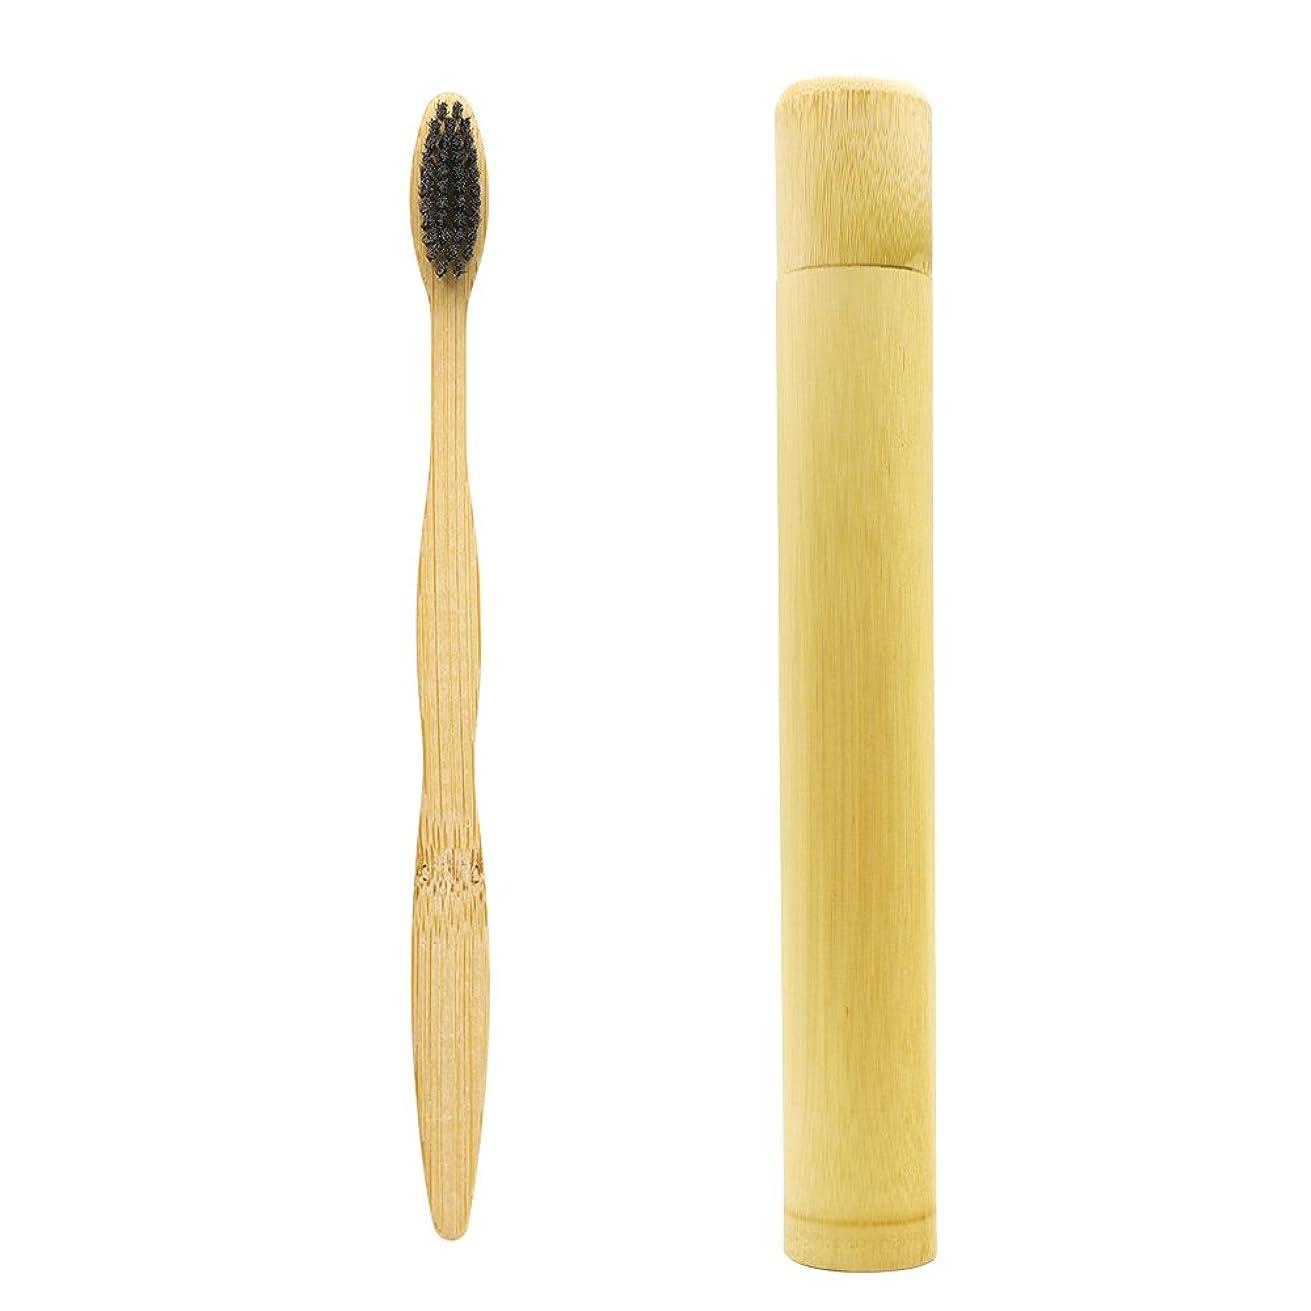 規定カバー平日N-amboo 歯ブラシ ケース付き 竹製 高耐久性 出張旅行 携帯便利